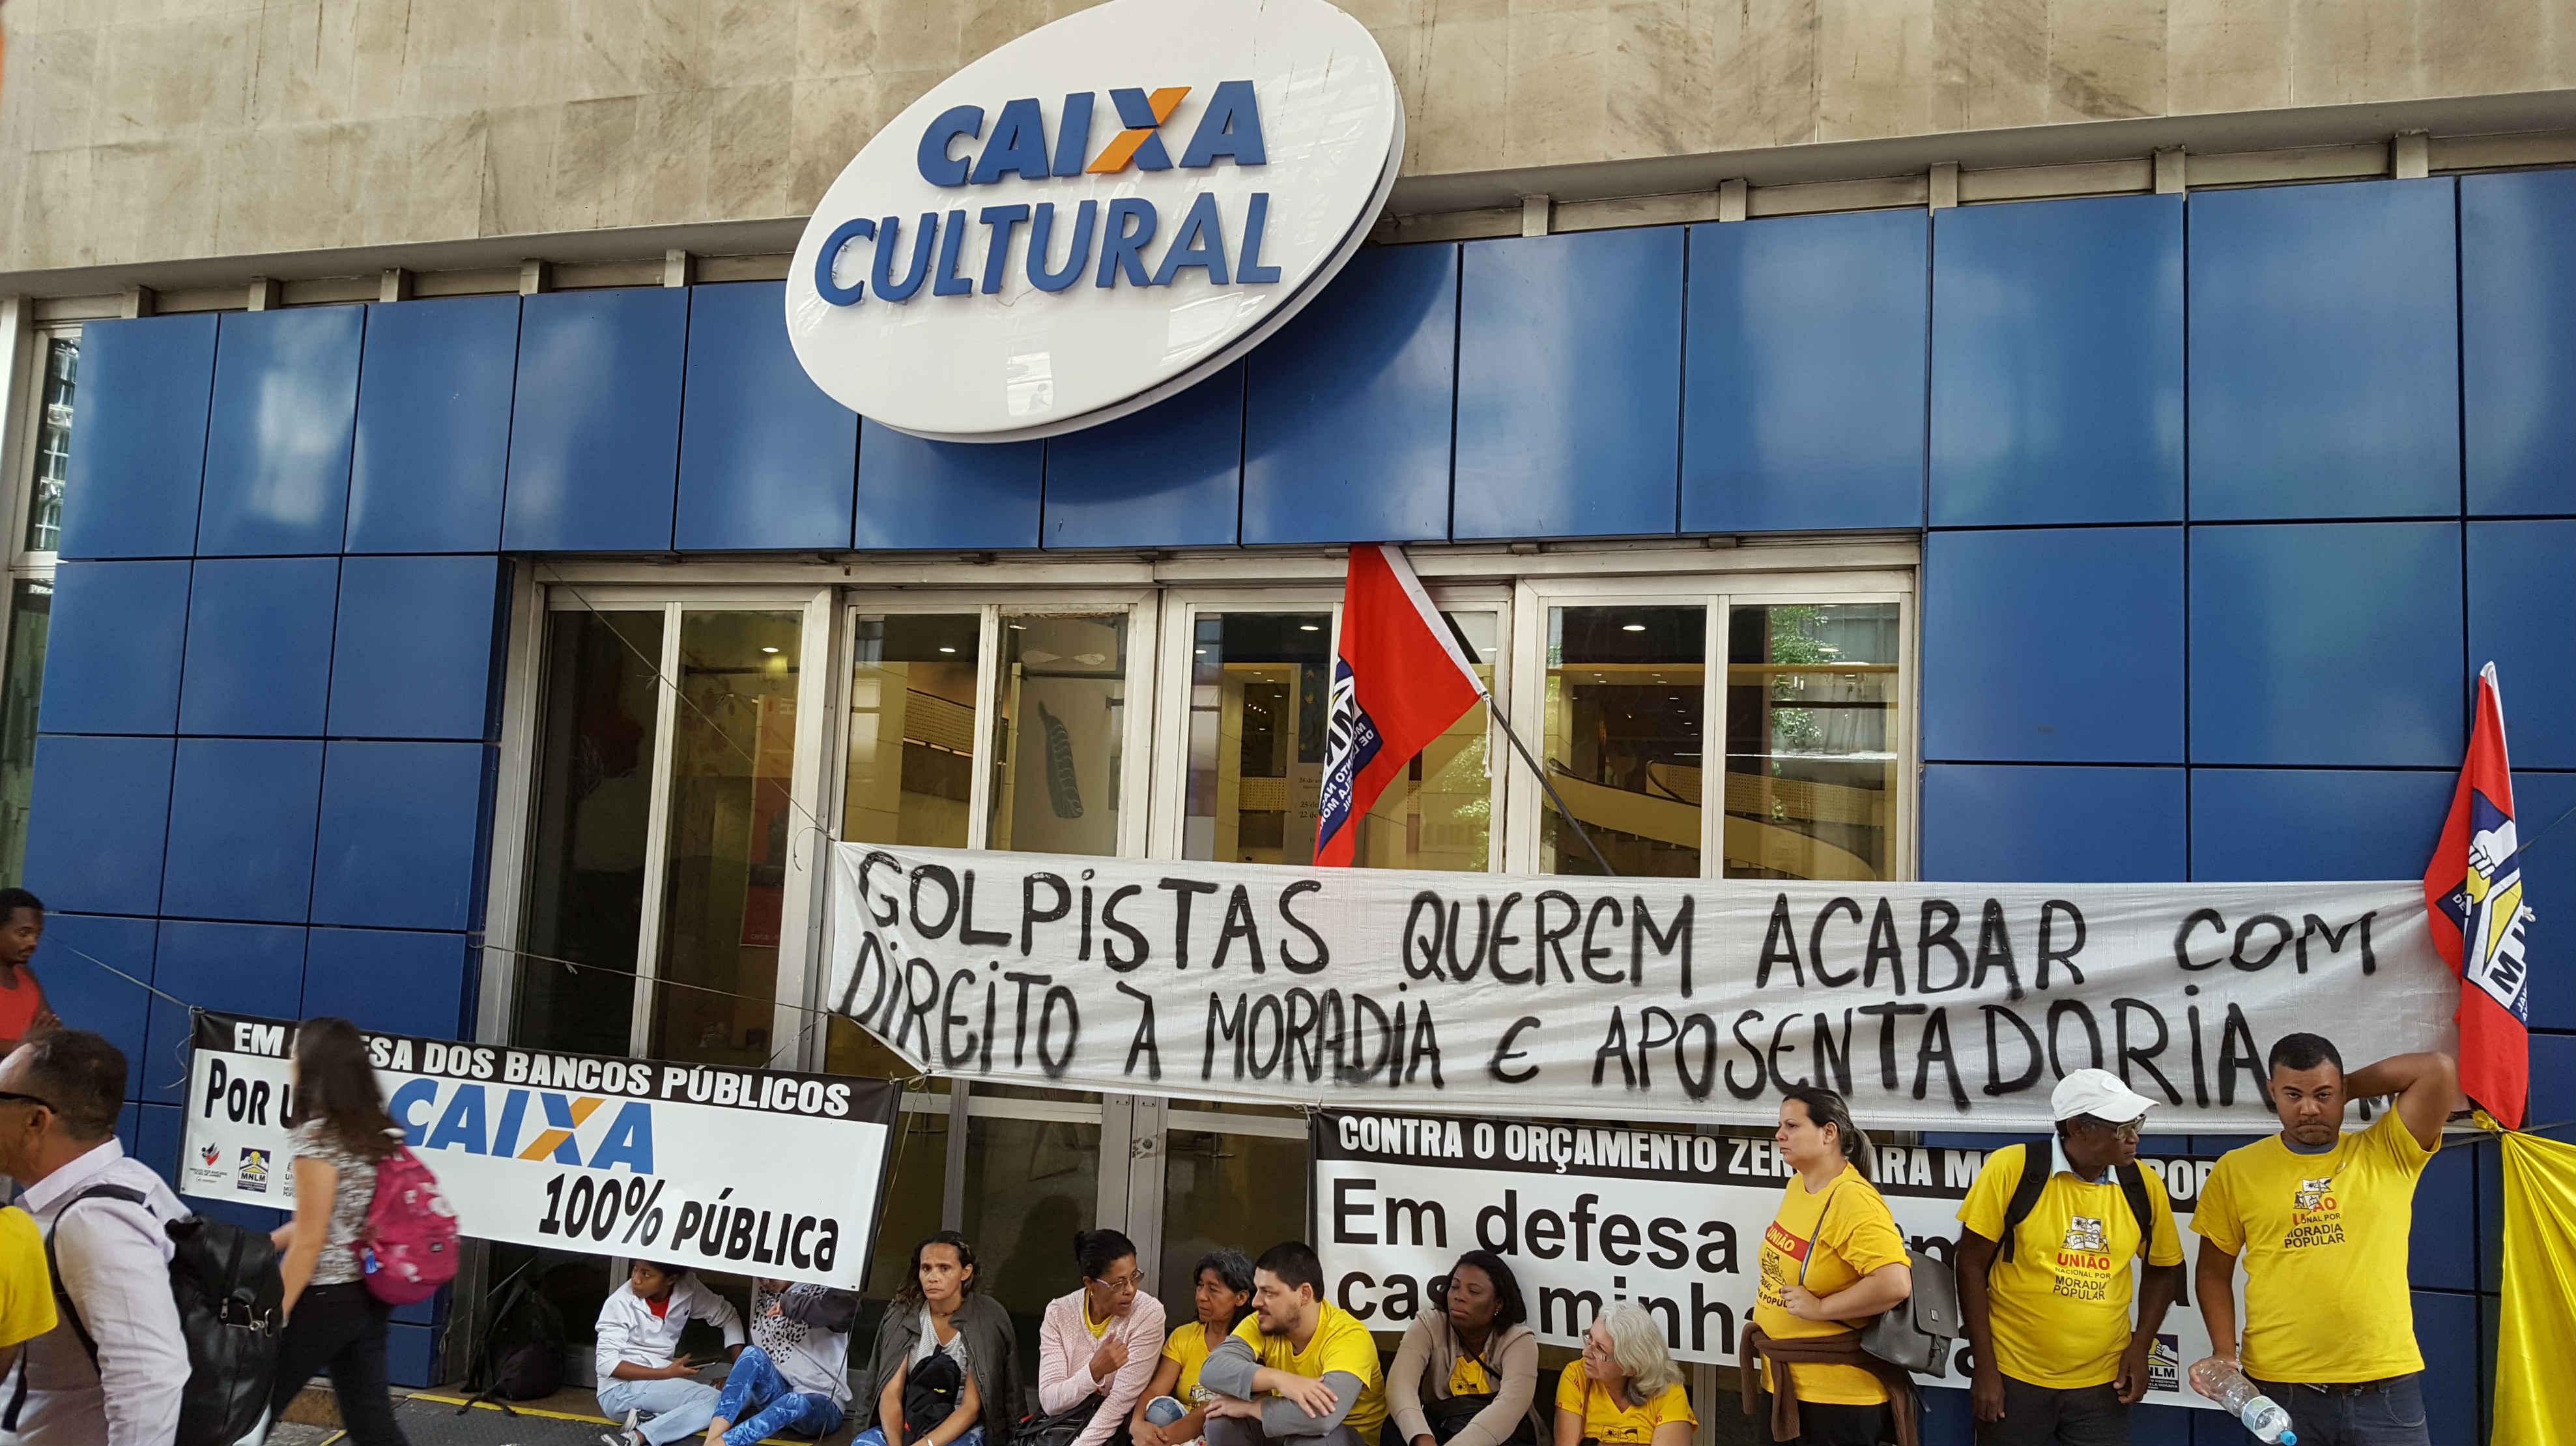 servidores-protestam-na-entrada-da-caixa-cultural-da-avenida-almirante-b[1]